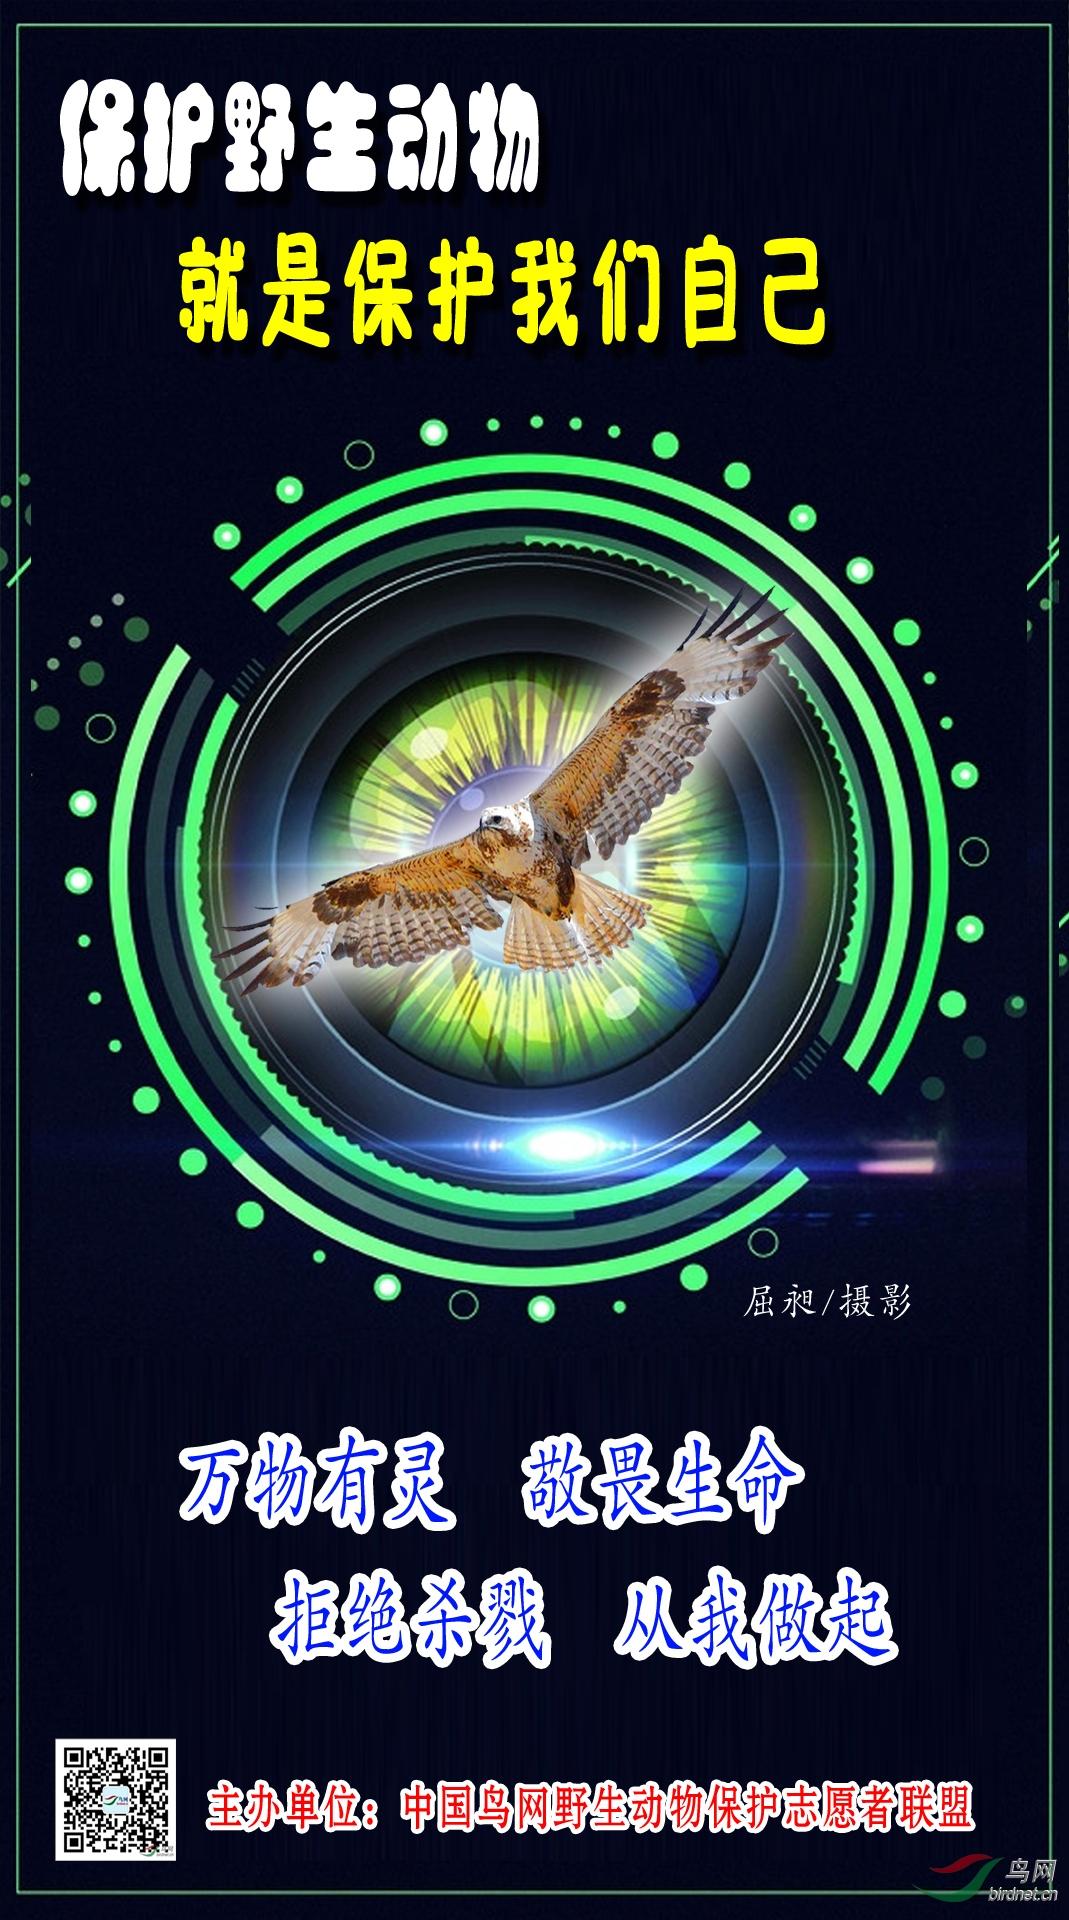 宣传海报--屈昶(网名:等你)--13993637930 (2).jpg